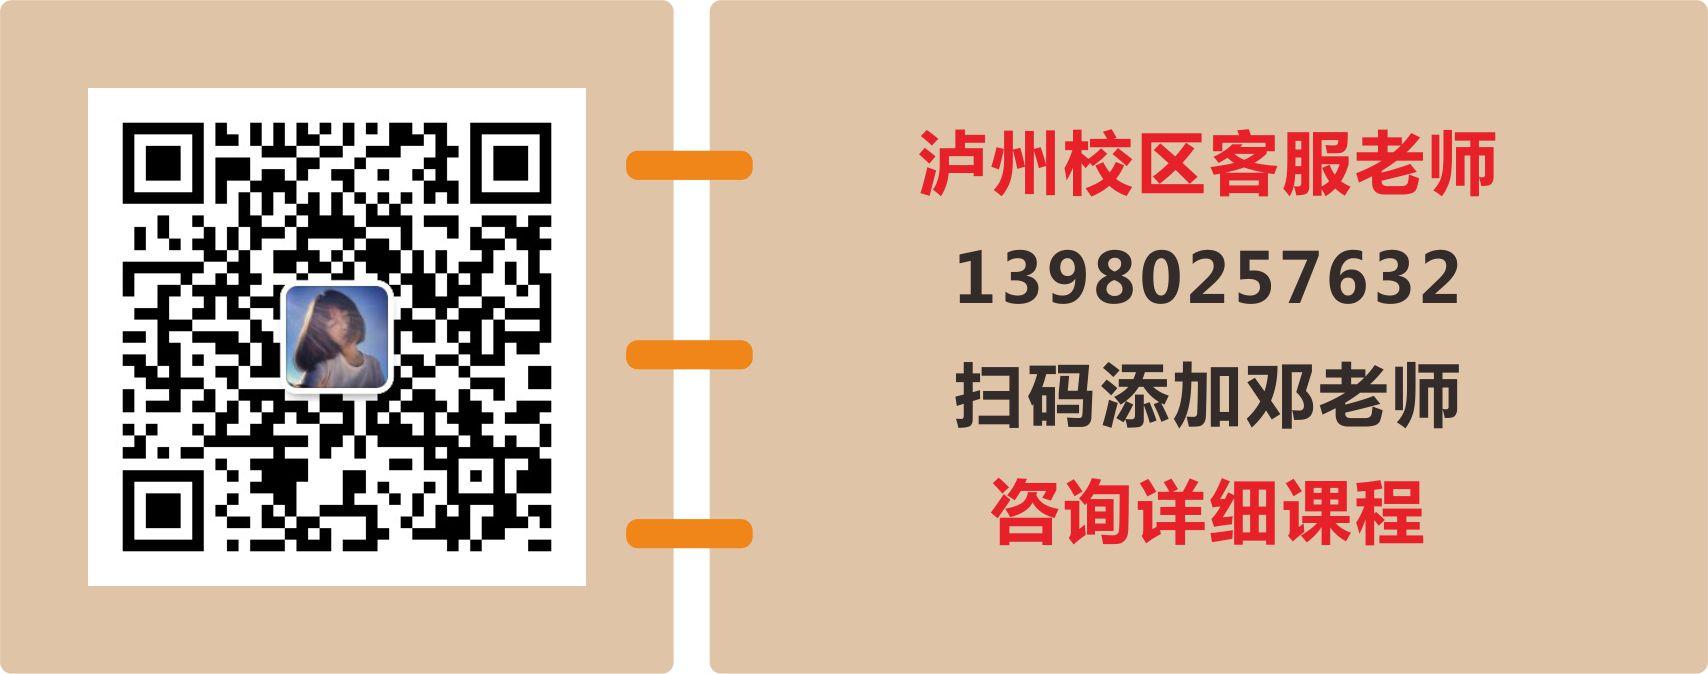 2020年6月6日上午北京市考面试真题(图4)